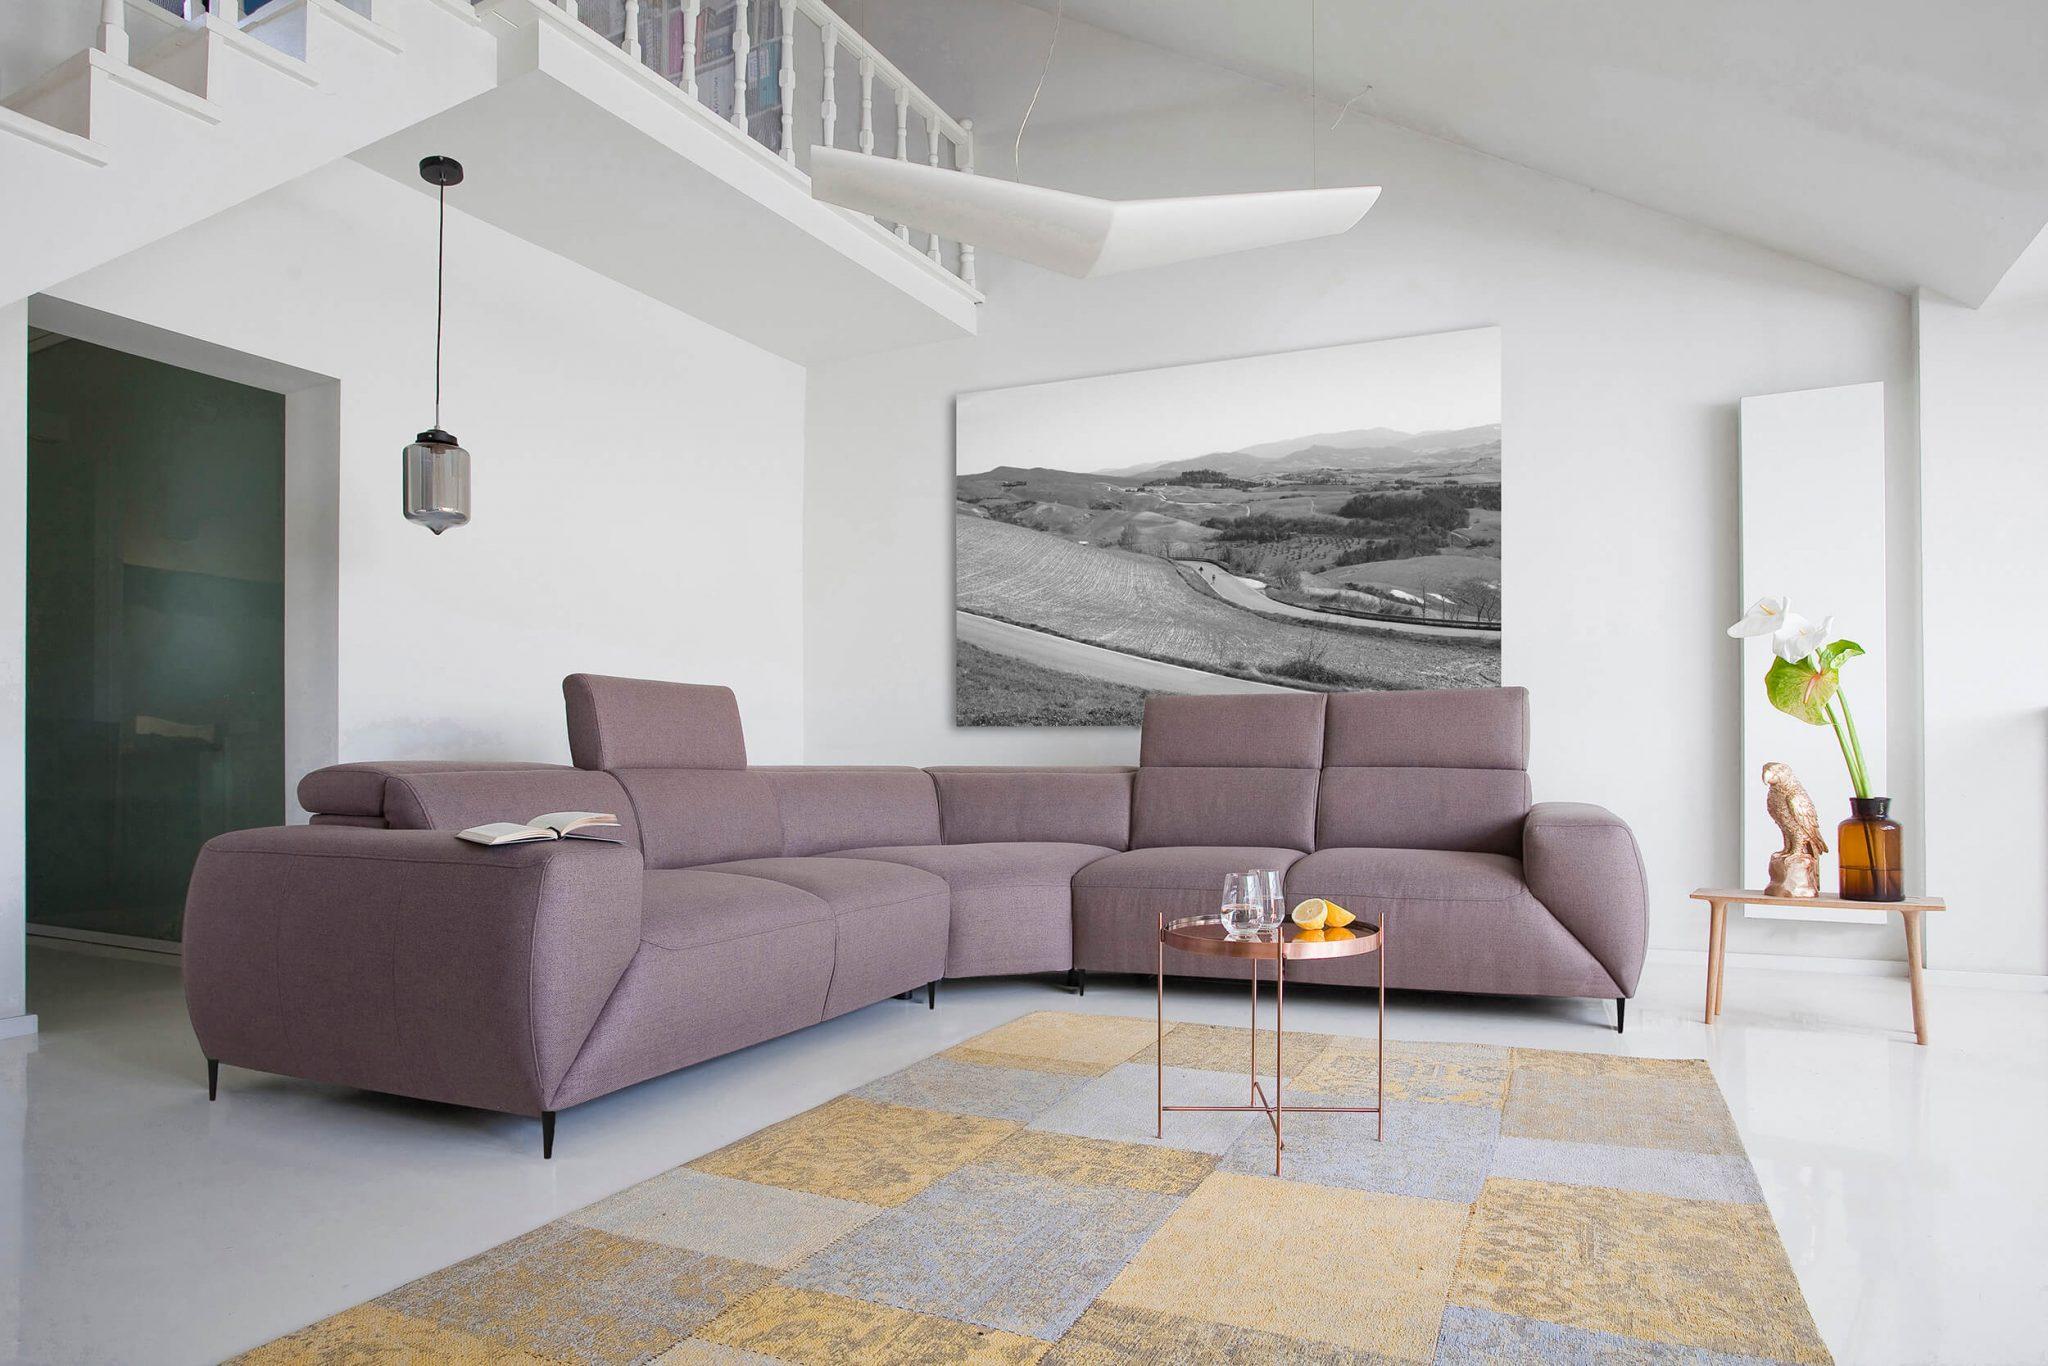 sofa narozna bizzarto mart killeen narożniki nowa jakość wypoczynku meble nowy